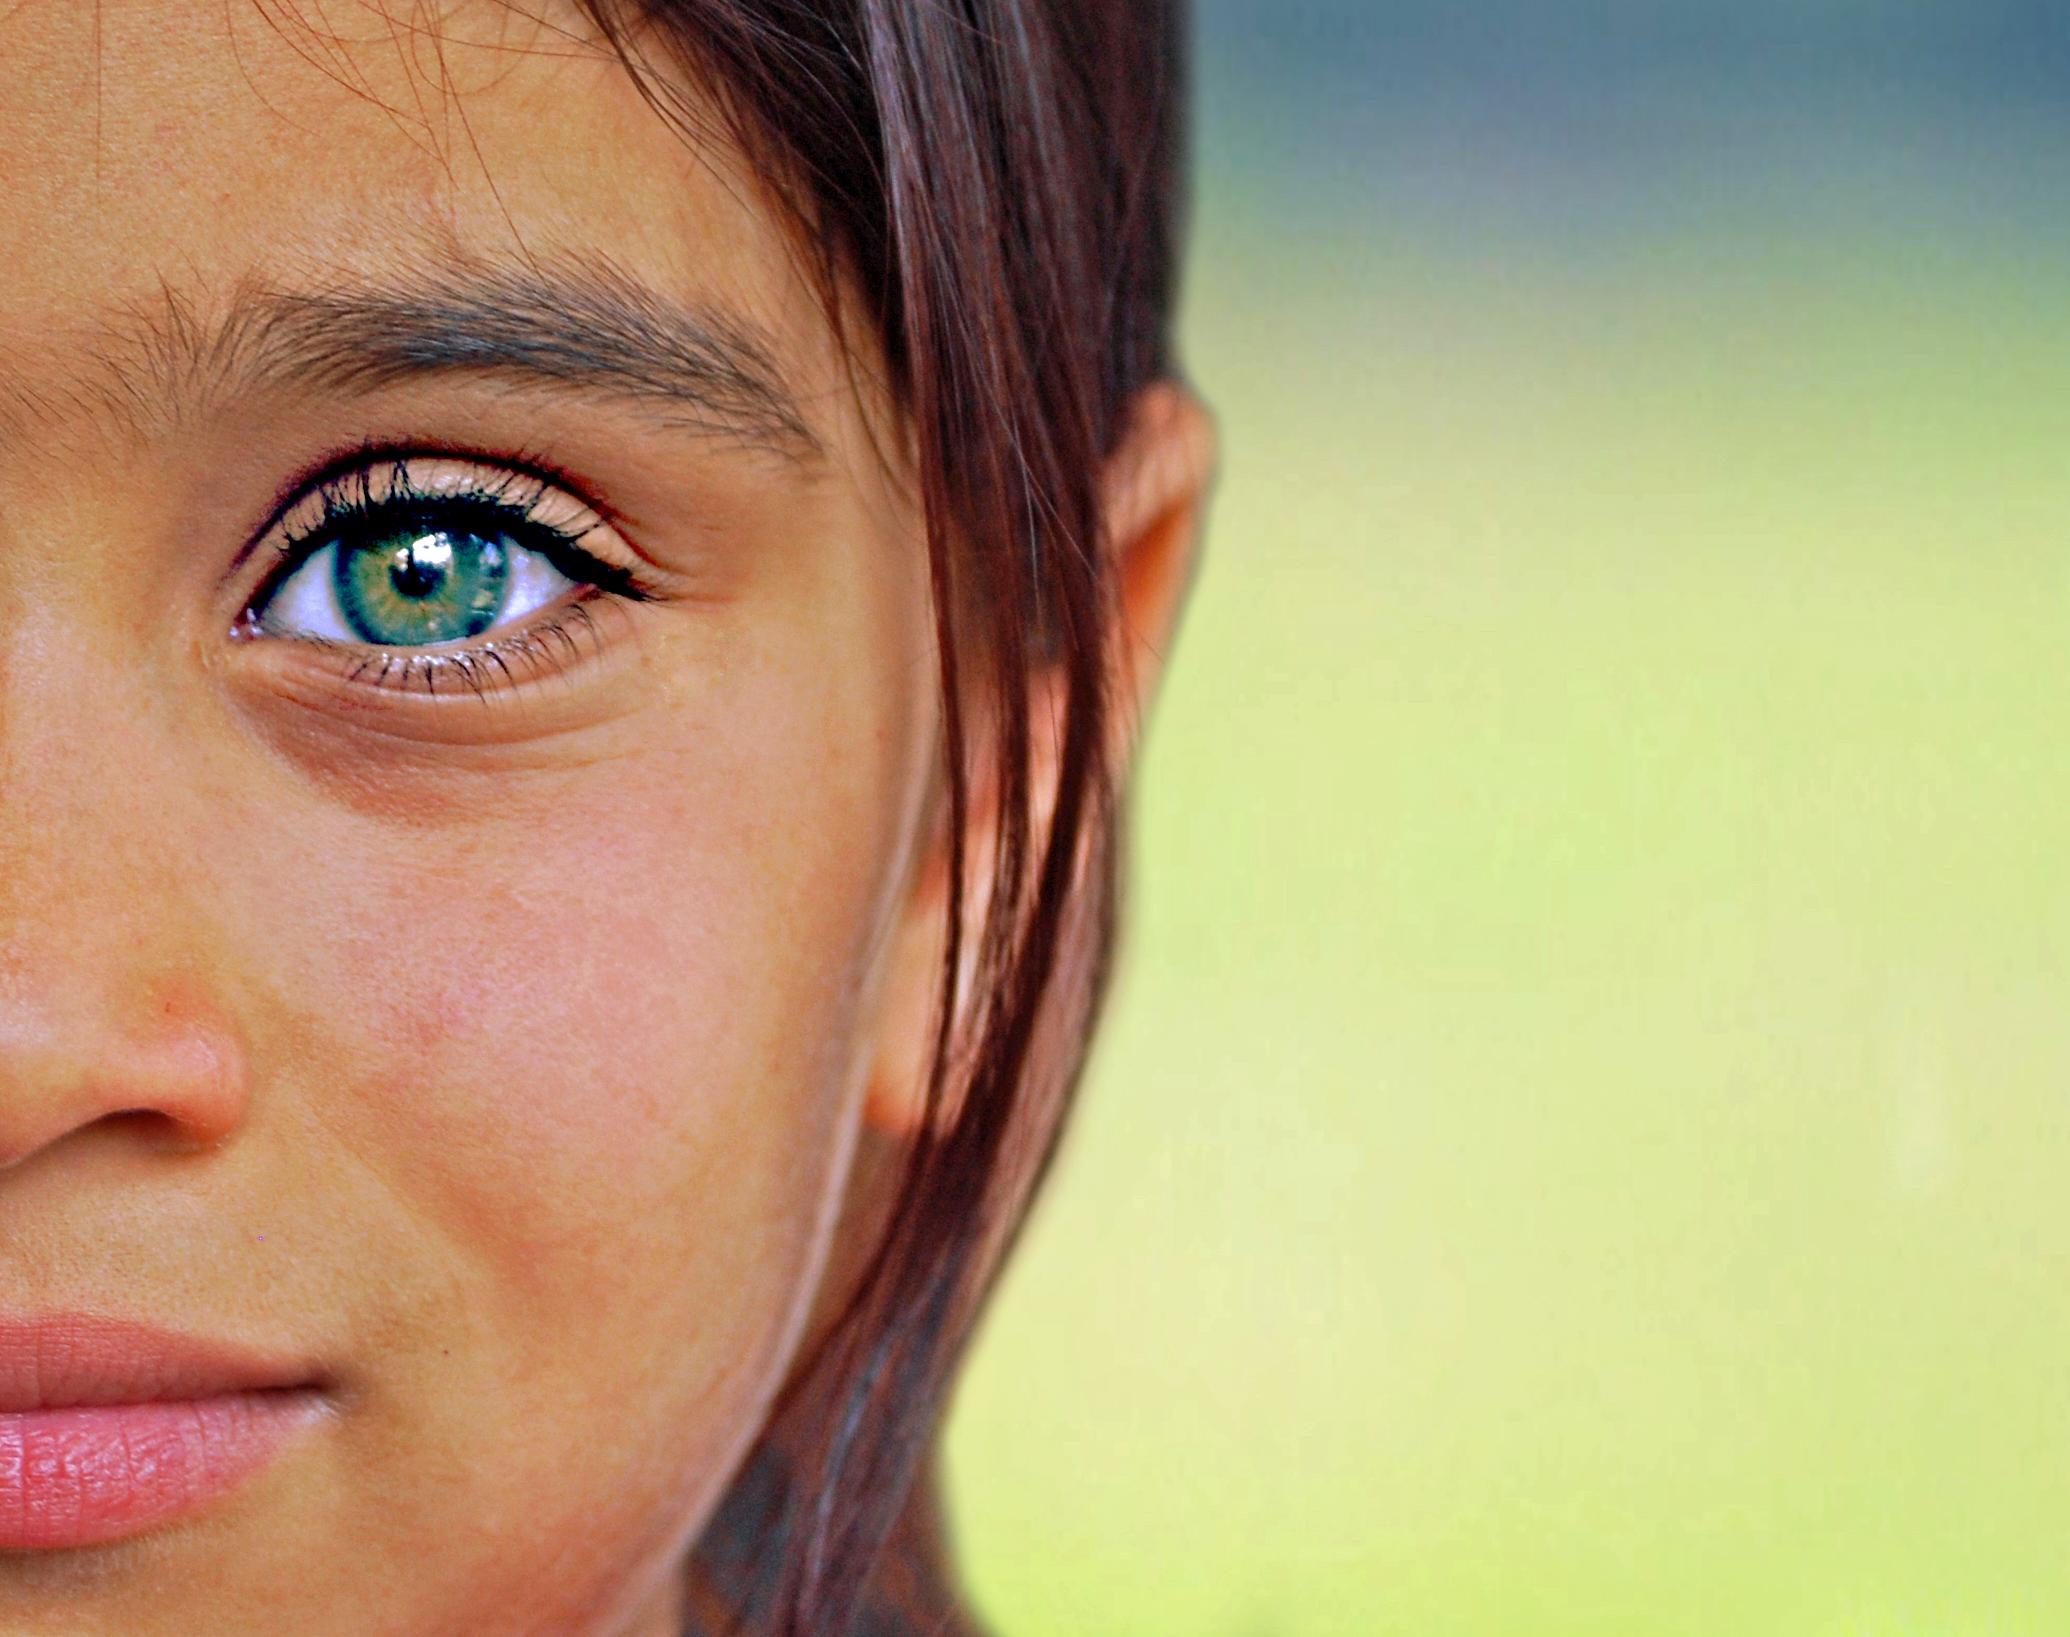 истории российской редкий цвет глаз у людей фото красоты центры мужской